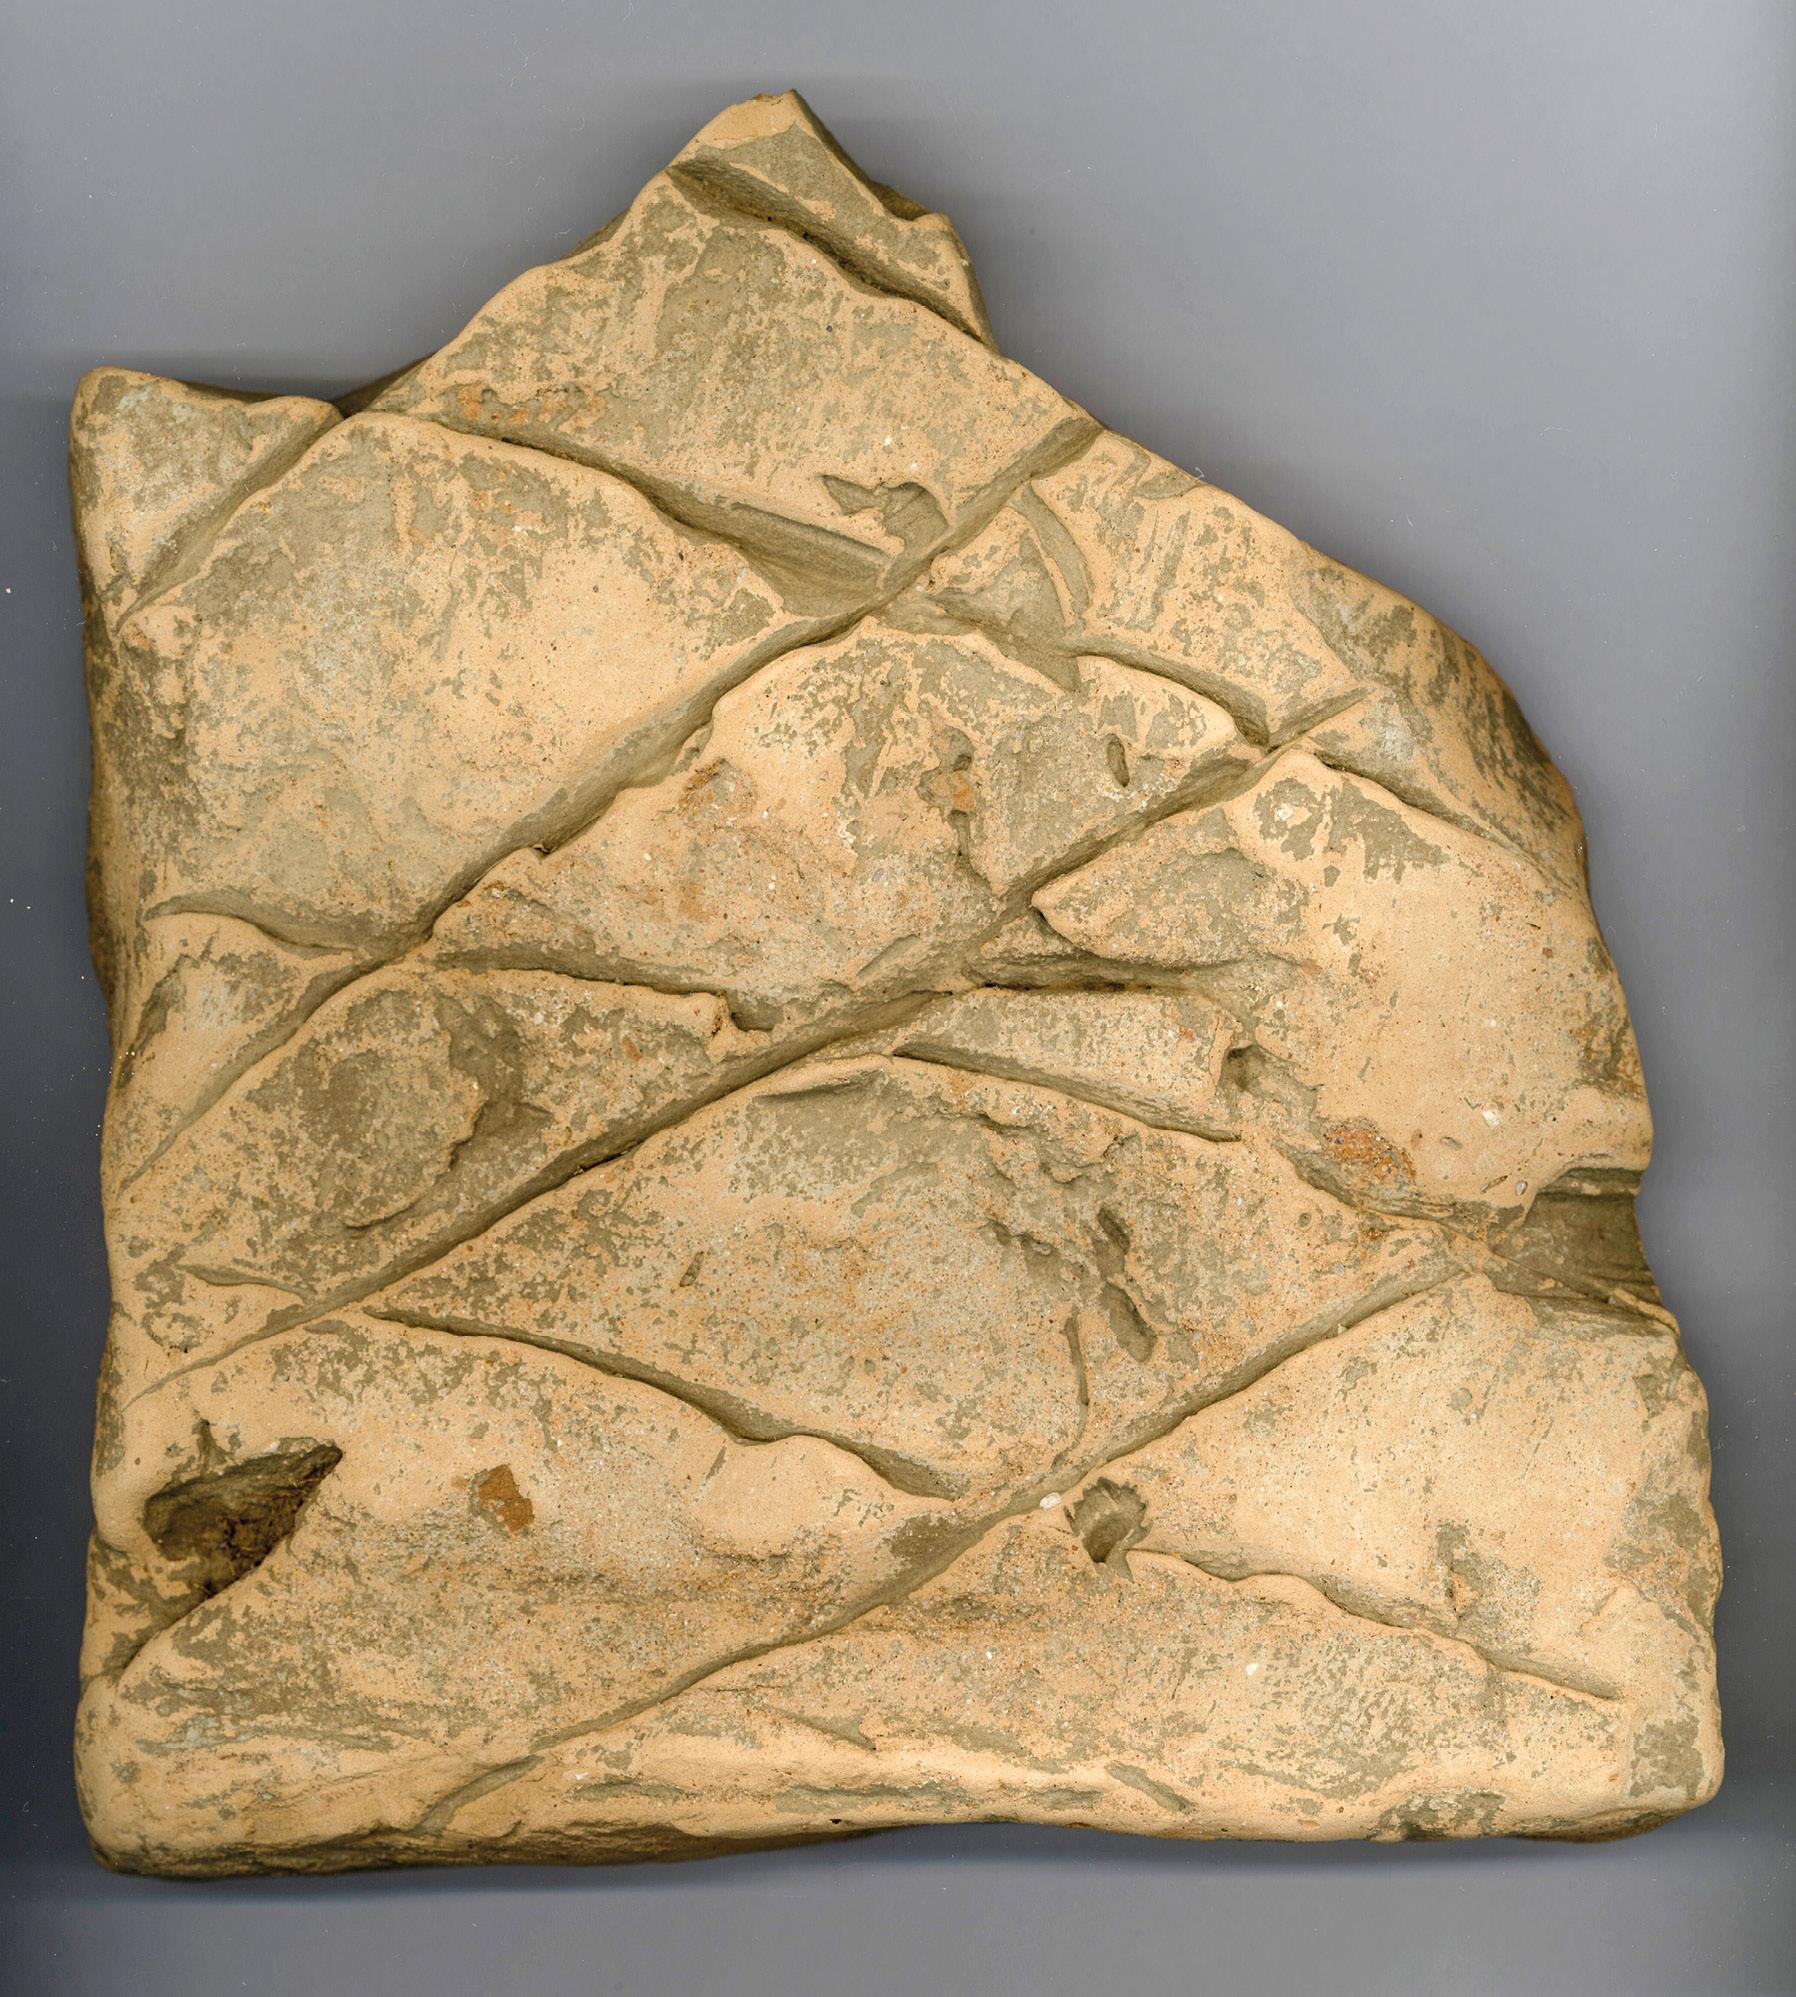 Tehla z doby rímskej